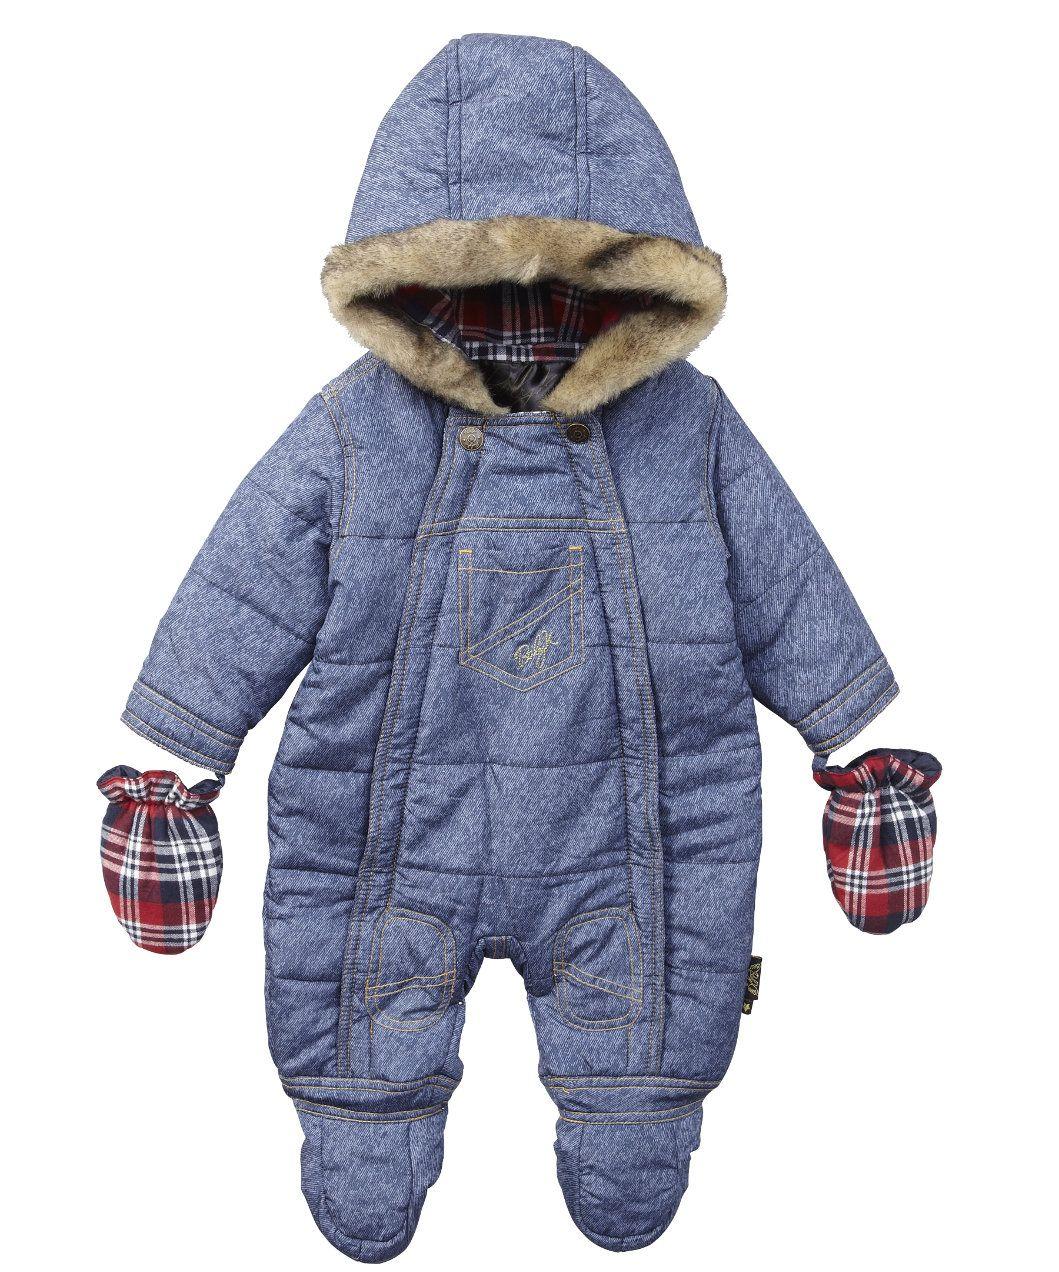 eb7d4498f77c Baby K Denim Snowsuit - pramsuits   snowsuits - Mothercare